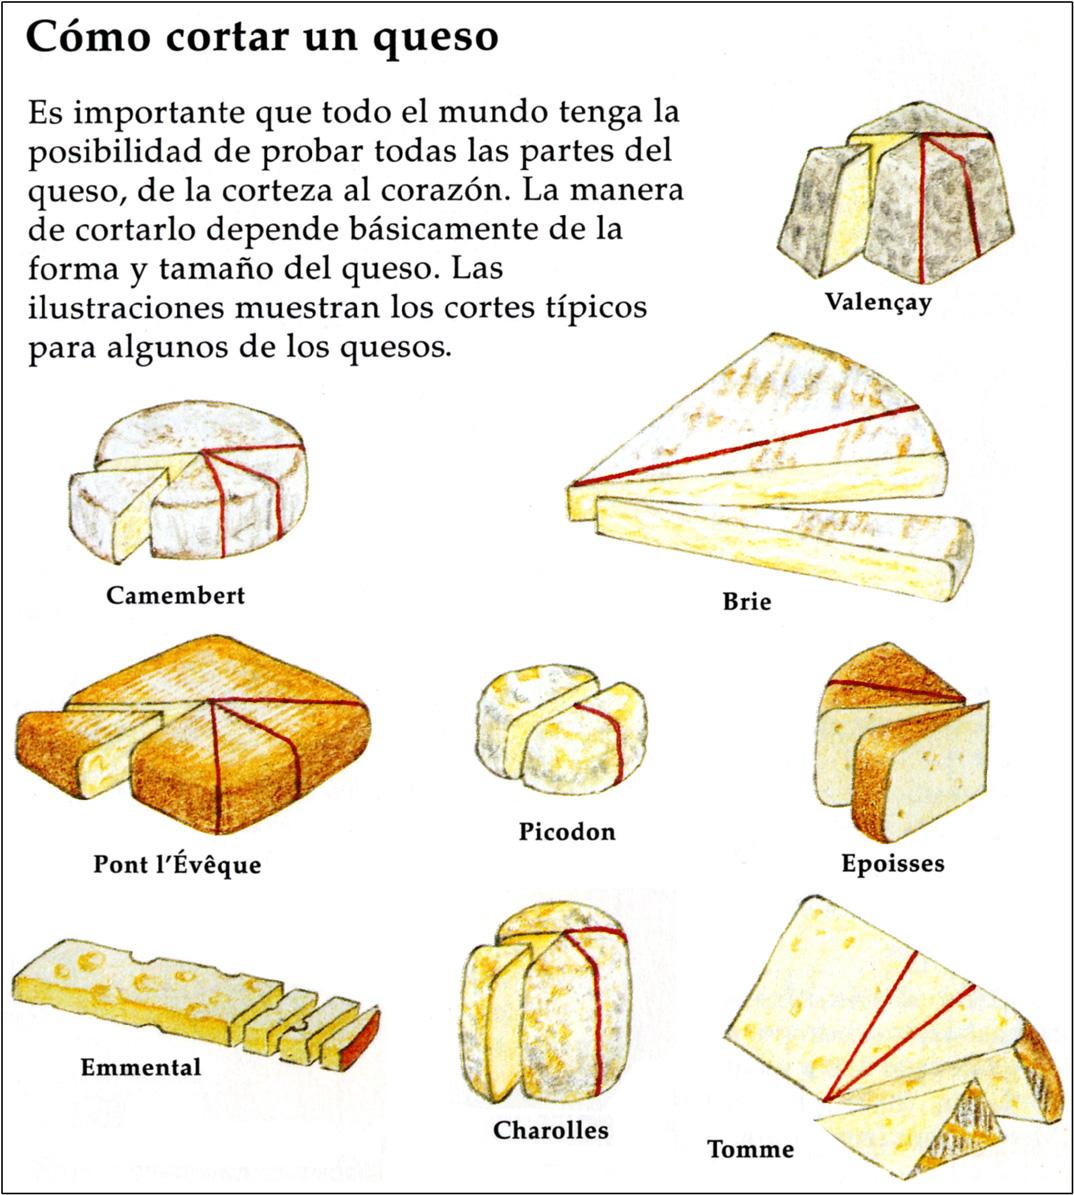 Todo sobre quesos mundoquesos cortar queso - Todo sobre la cocina ...